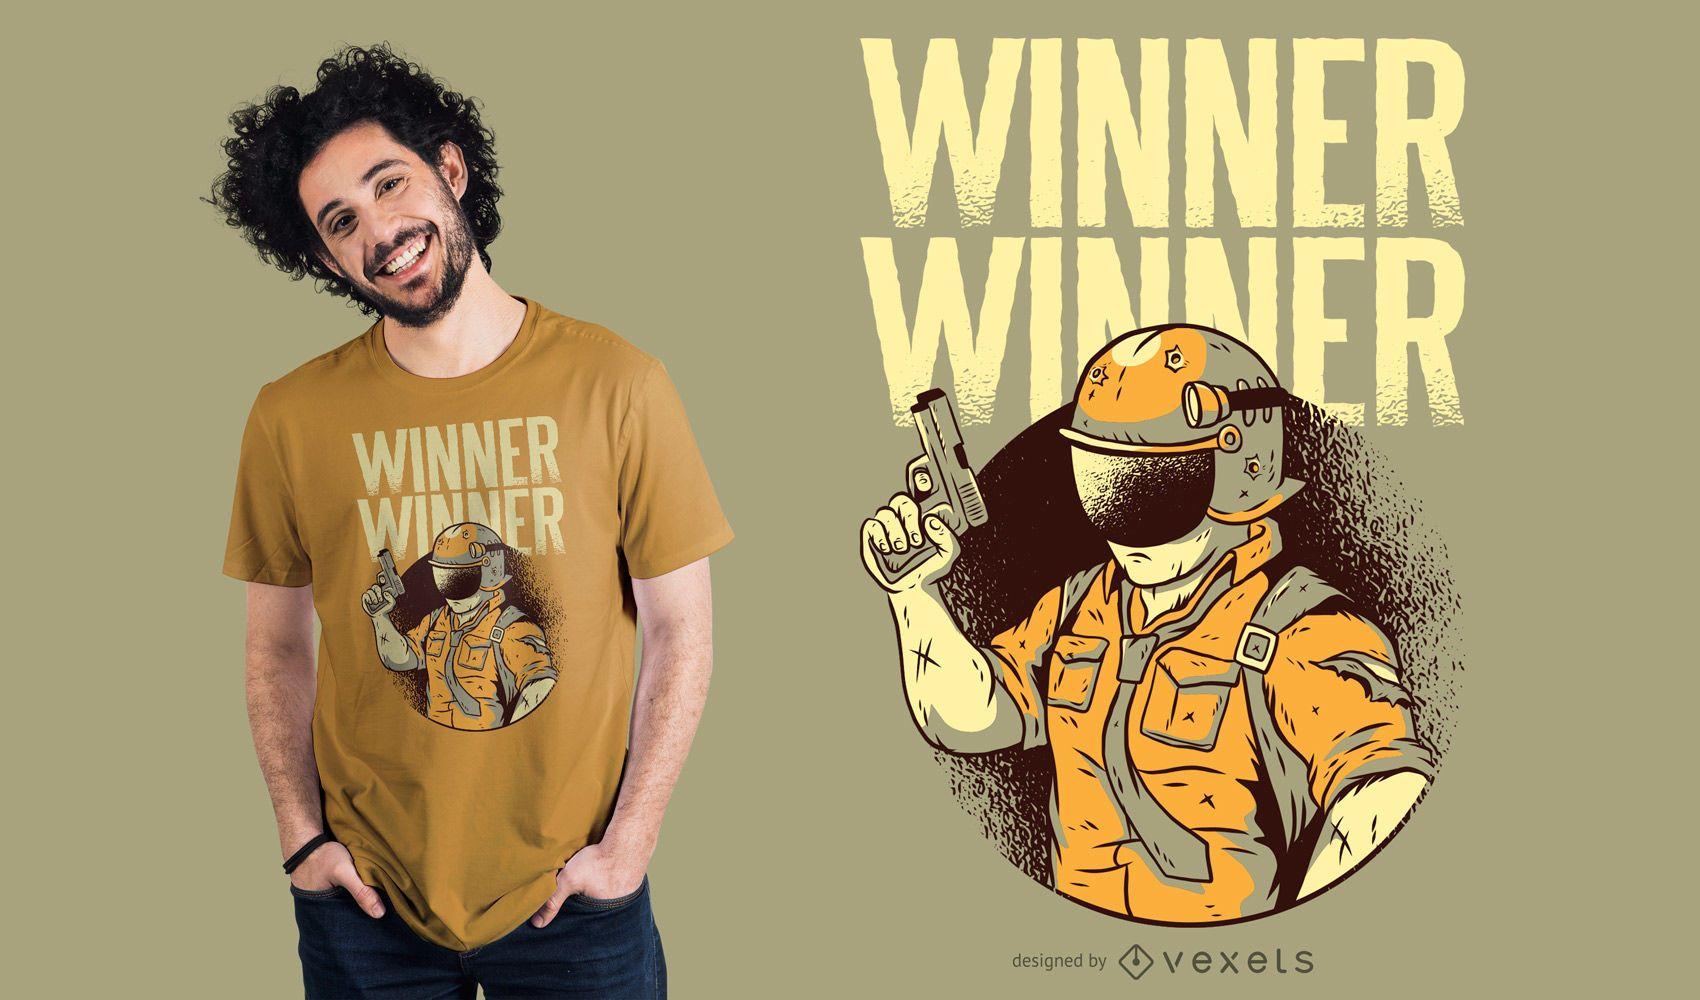 Winner Winner Armed Character T-shirt Design